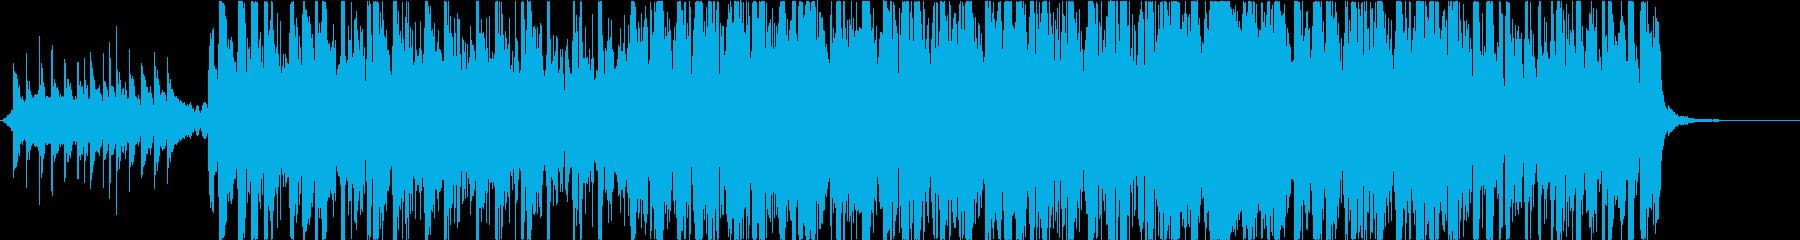 アップテンポな和風曲箏三味線尺八和太鼓の再生済みの波形